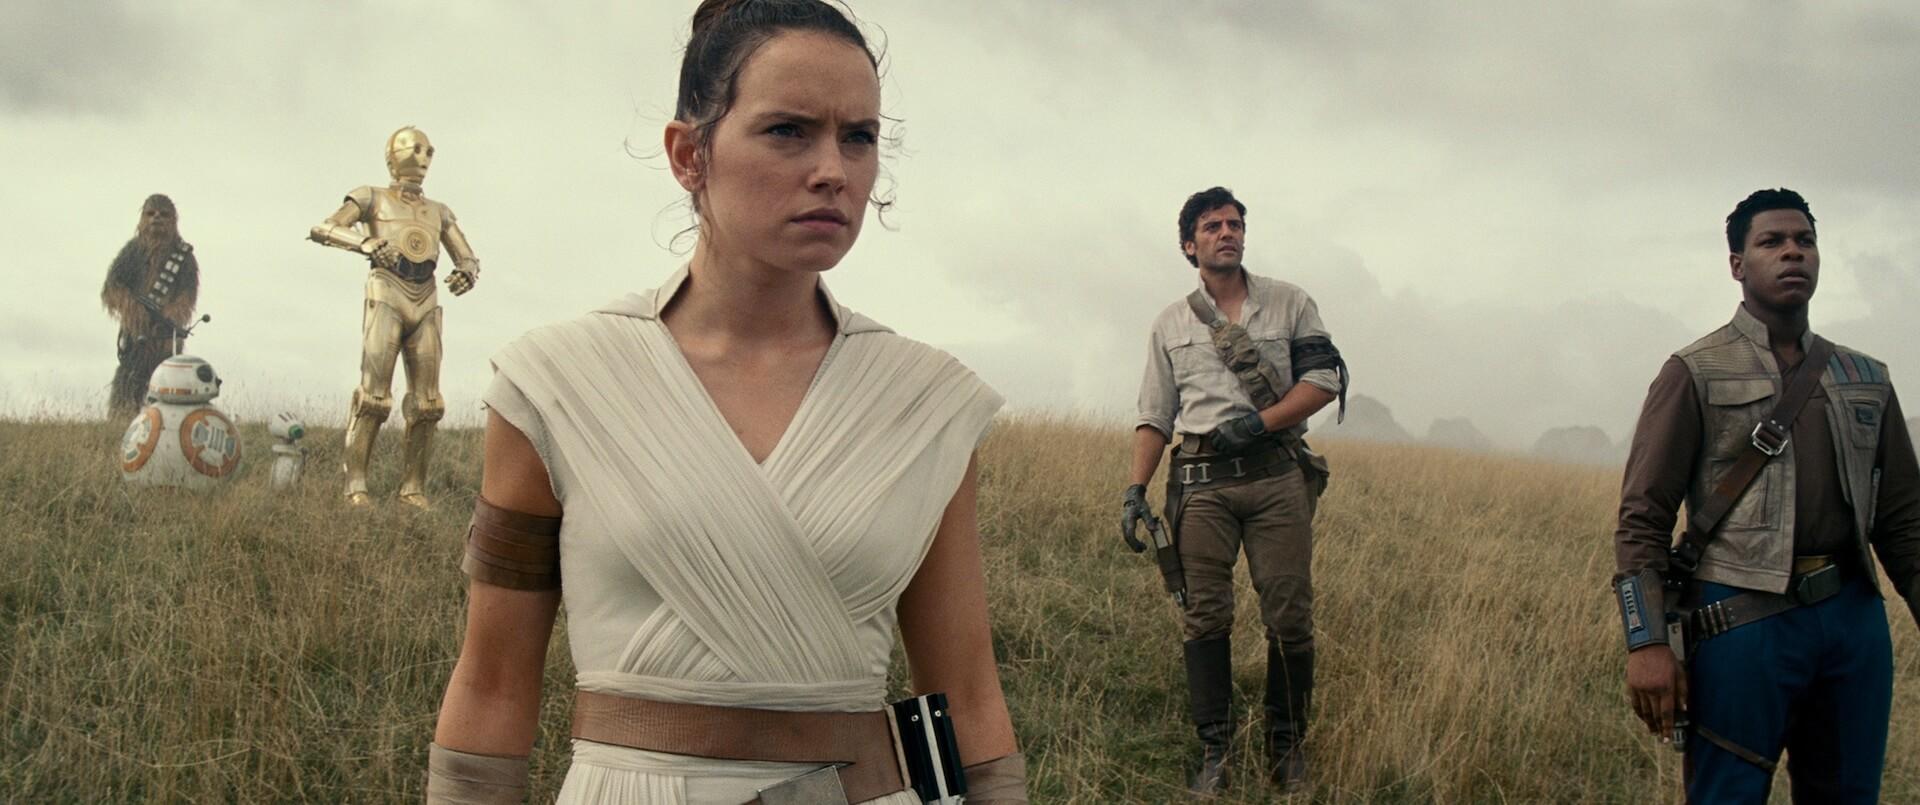 IMAXで、4DXでリピーター続出!『スター・ウォーズ/スカイウォーカーの夜明け』興収が驚異の70億円突破! film200207_starwars_1